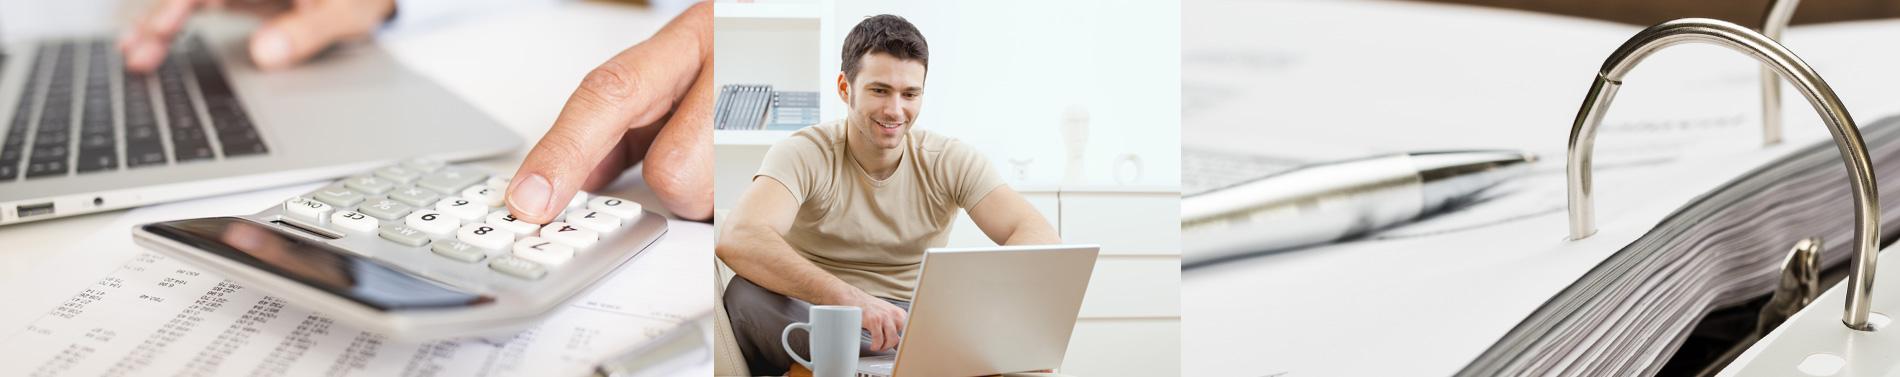 Simulateur crédit hypothécaire